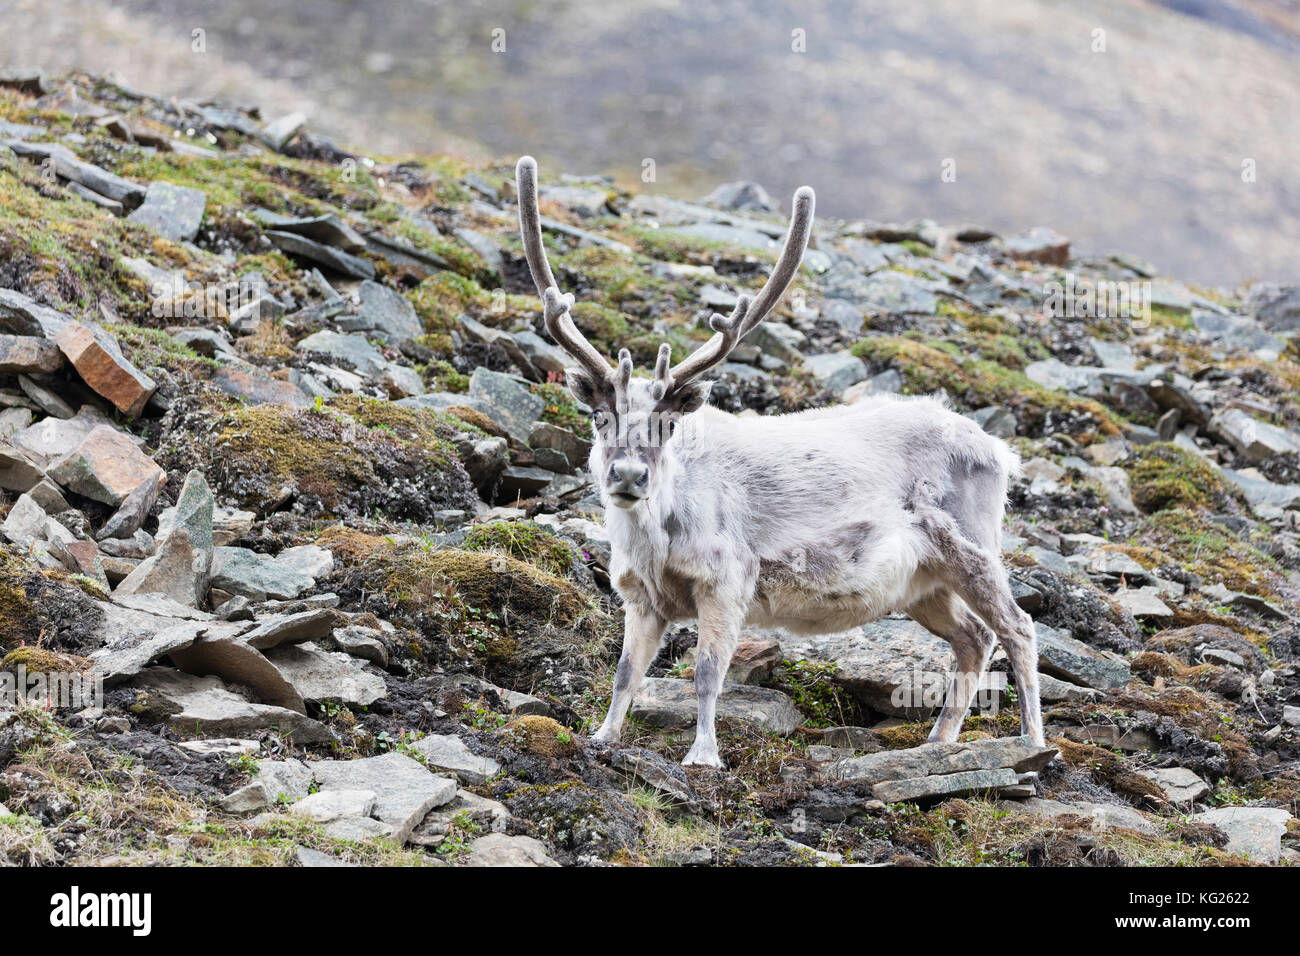 Rentiere (Rangifer tarandus), Spitzbergen, Svalbard, Arktis, Norwegen, Europa Stockbild